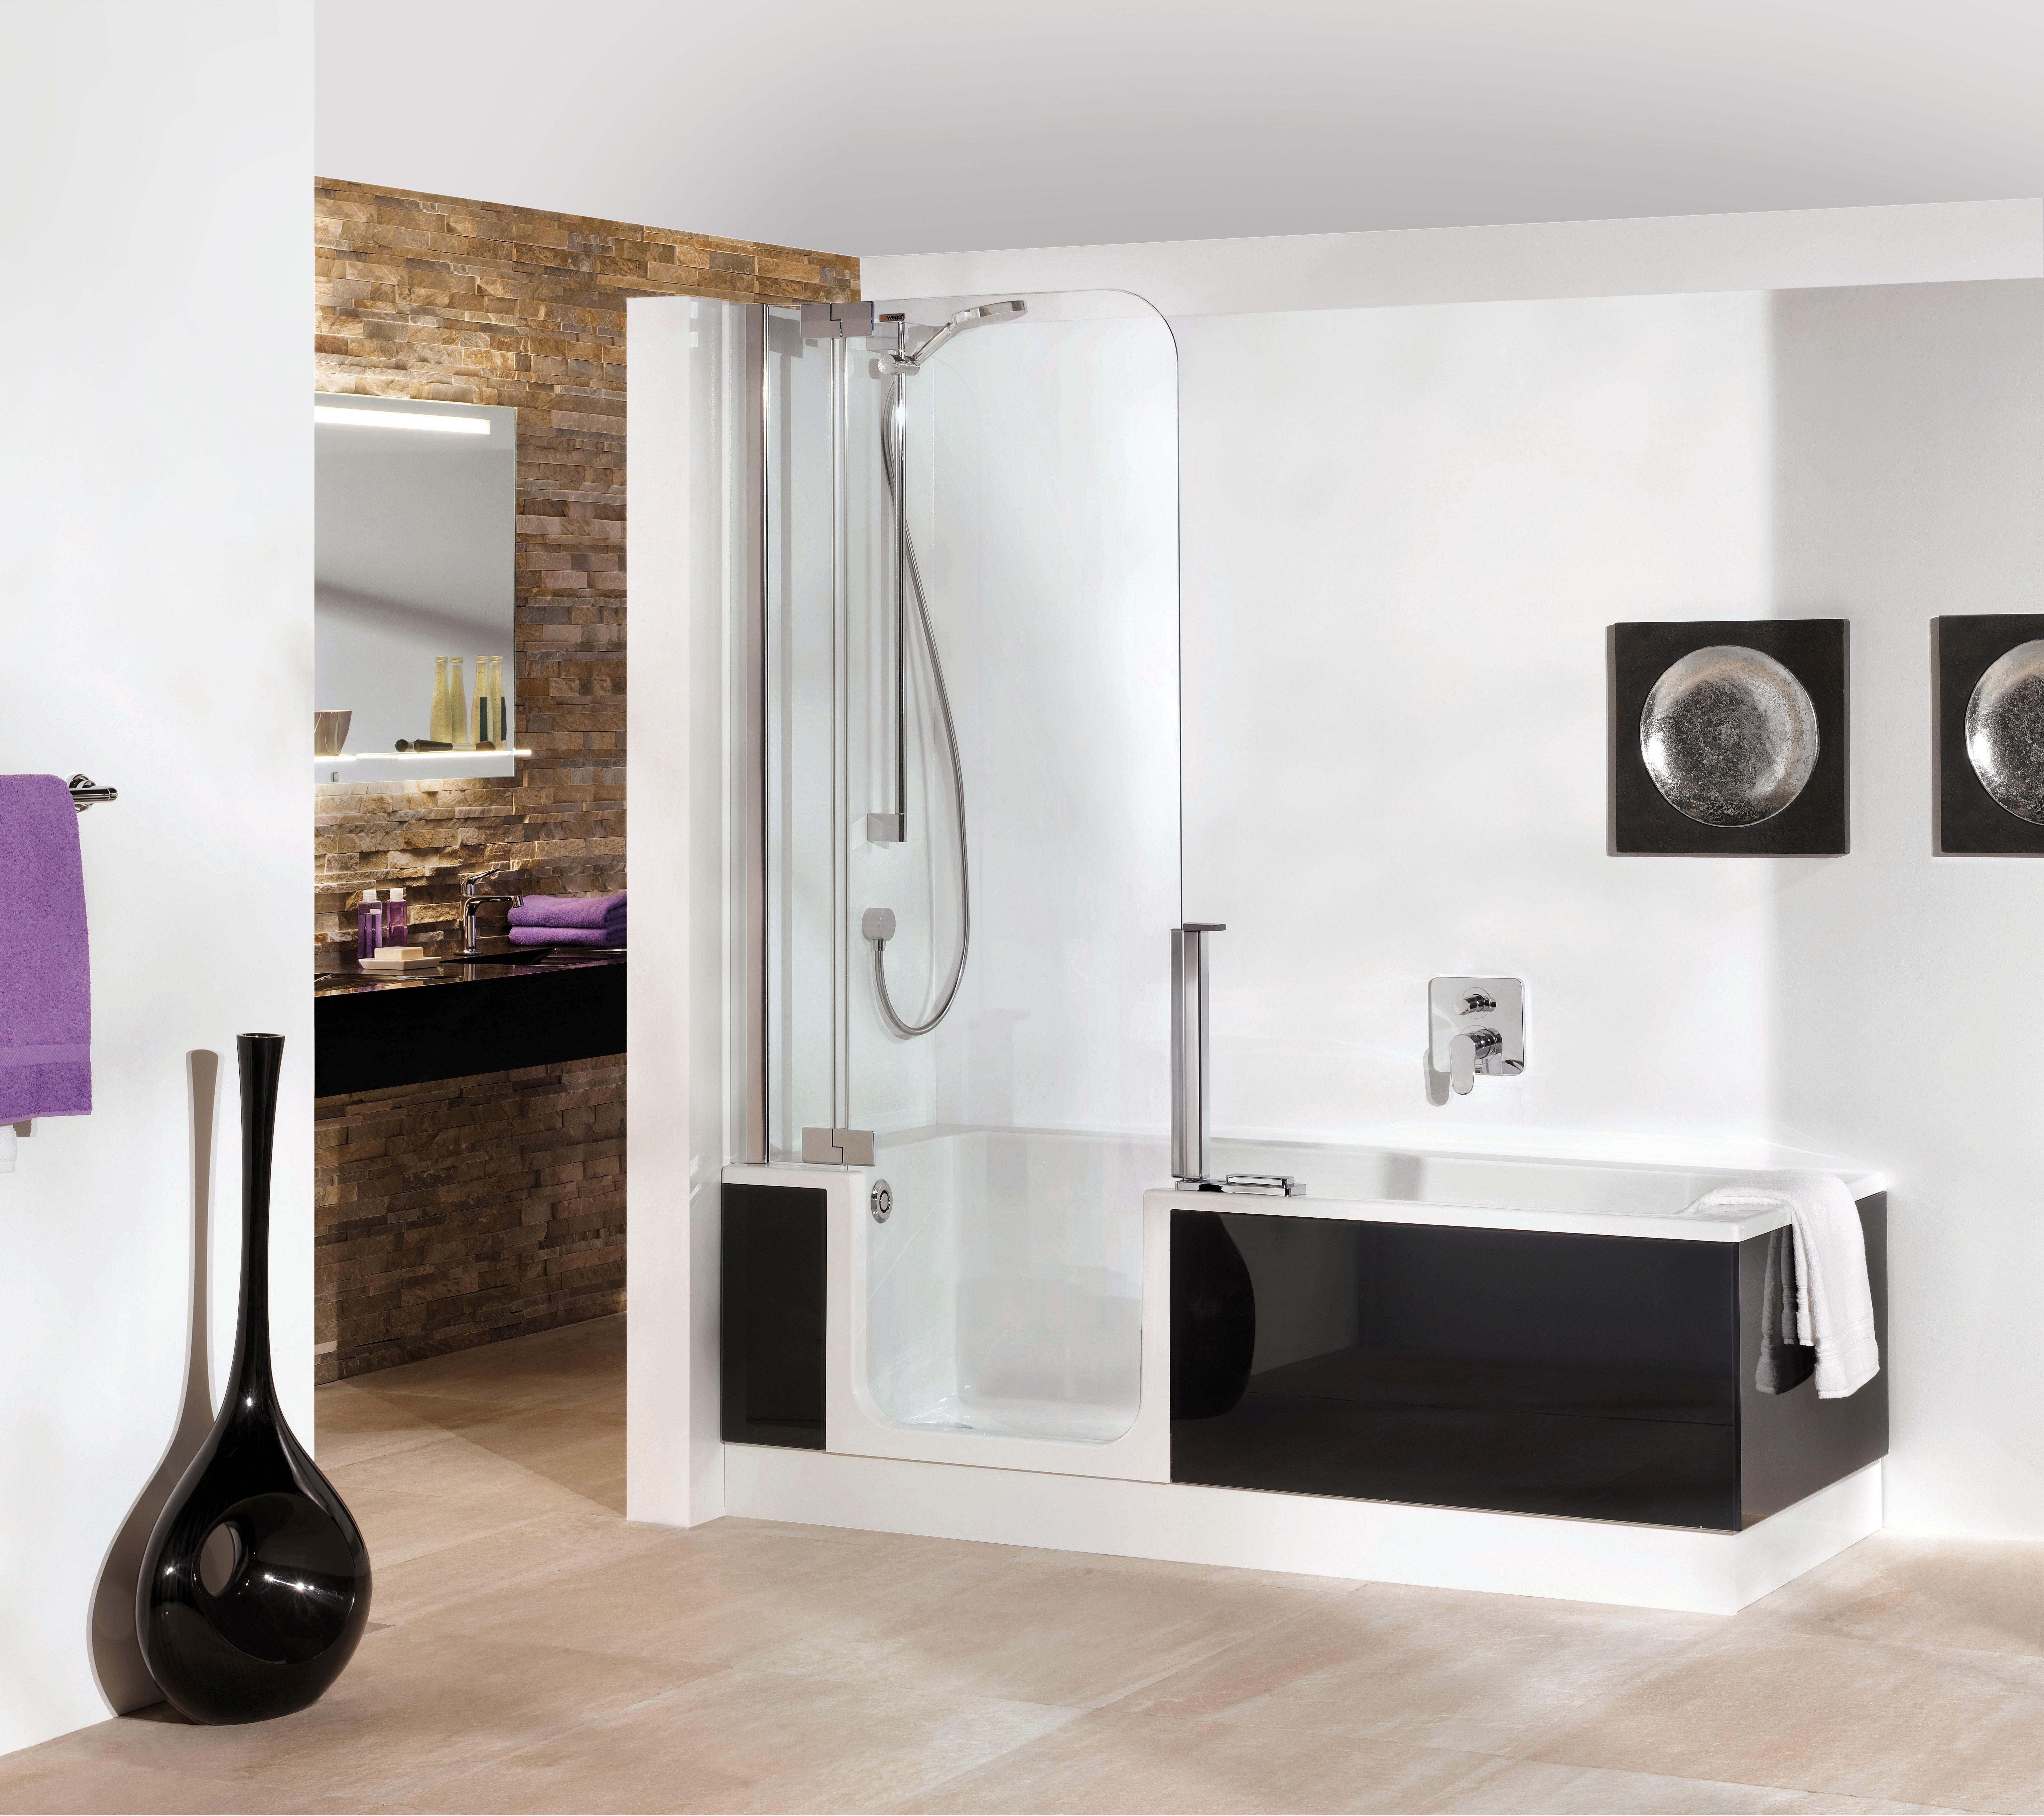 Duschbadewanne  Artweger Twinline 2 Dusch Badewanne 180 x 80 cm mit Tür und ...